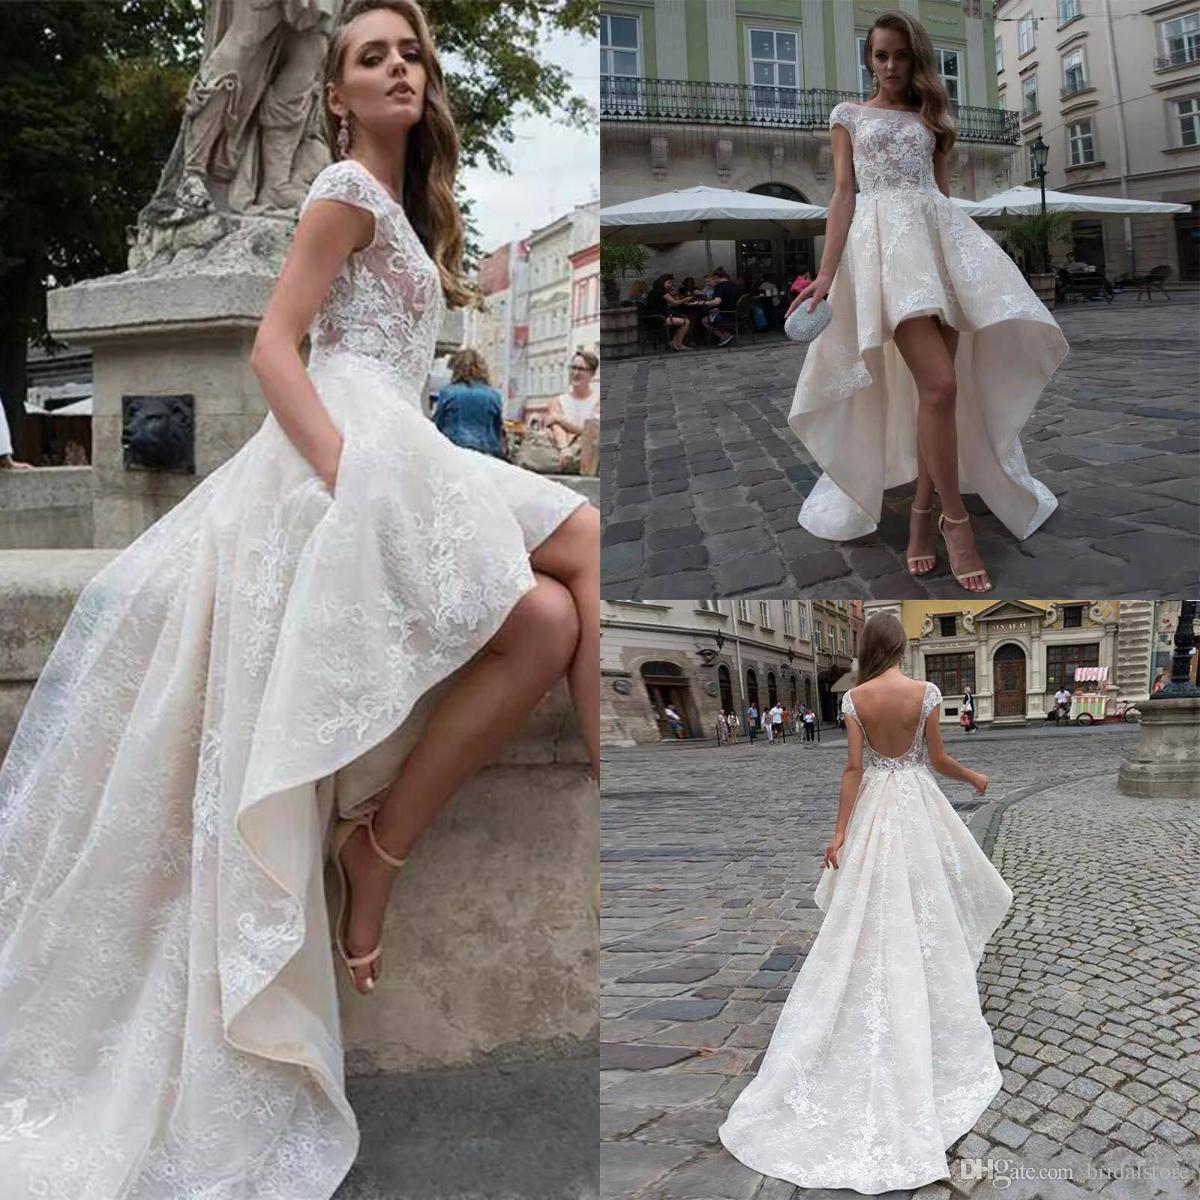 Vestidos De Casamento Estilo Princesa Designer Frente Curto Voltar Longo Cheia Do Laço Verão Praia Vestidos De Casamento Cap Colete De Manga Curta